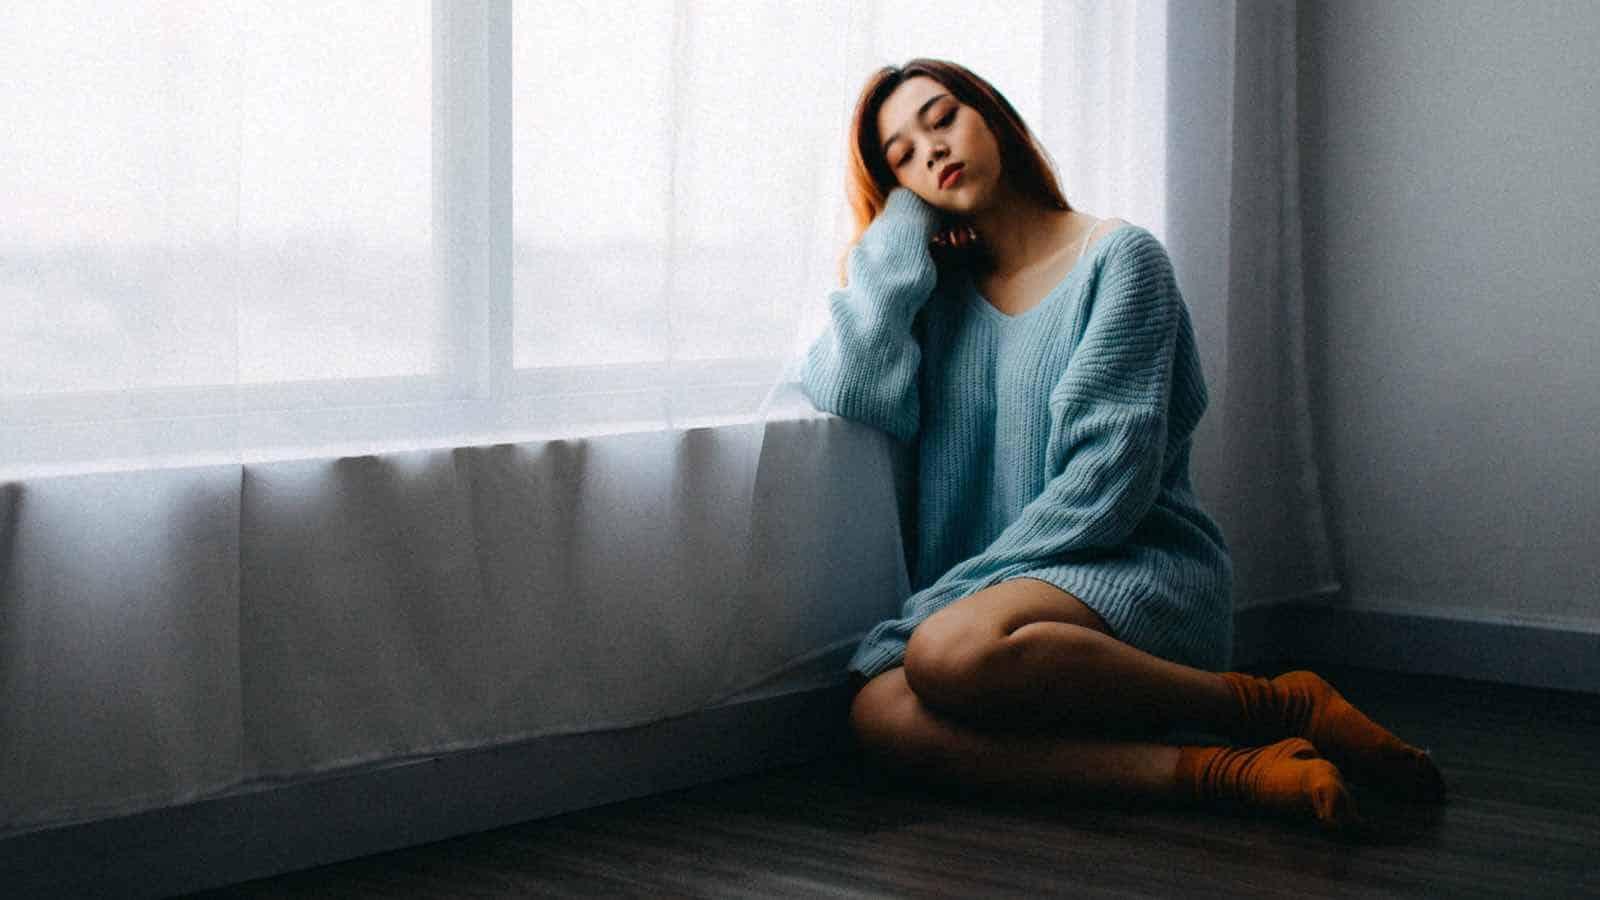 Bauchschmerzen am Morgen - 5 Ursachen und was du tun kannst!